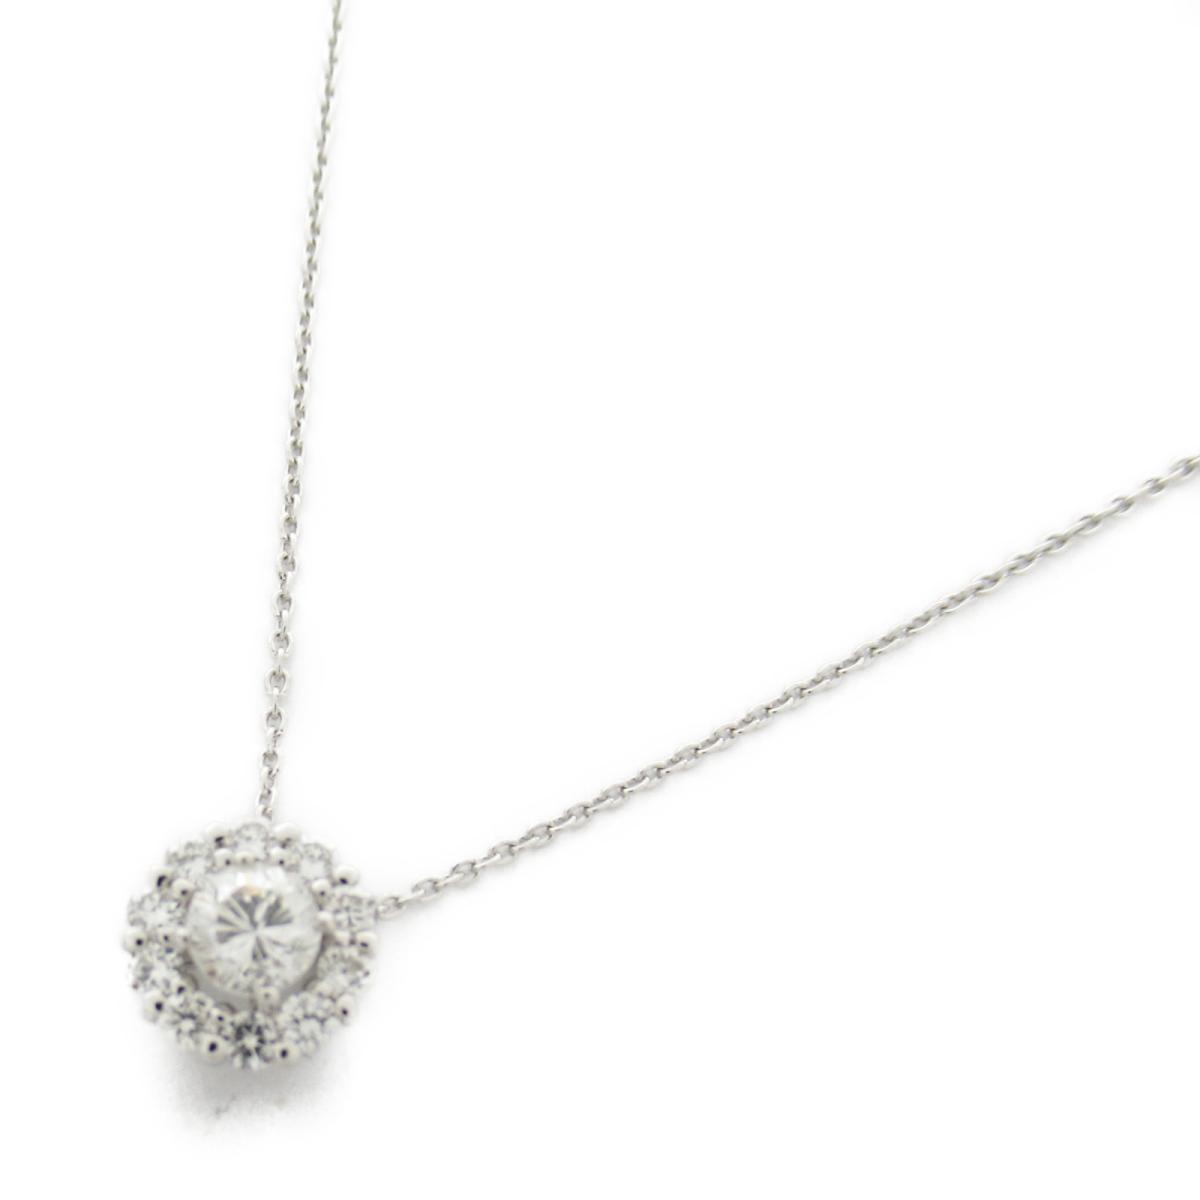 ジュエリー ダイヤモンド ネックレス ノーブランドジュエリー レディース K18WG (750) ホワイトゴールド x ダイヤモンド0.21/0.22ct 【中古】 | JEWELRY BRANDOFF ブランドオフ アクセサリー ペンダント